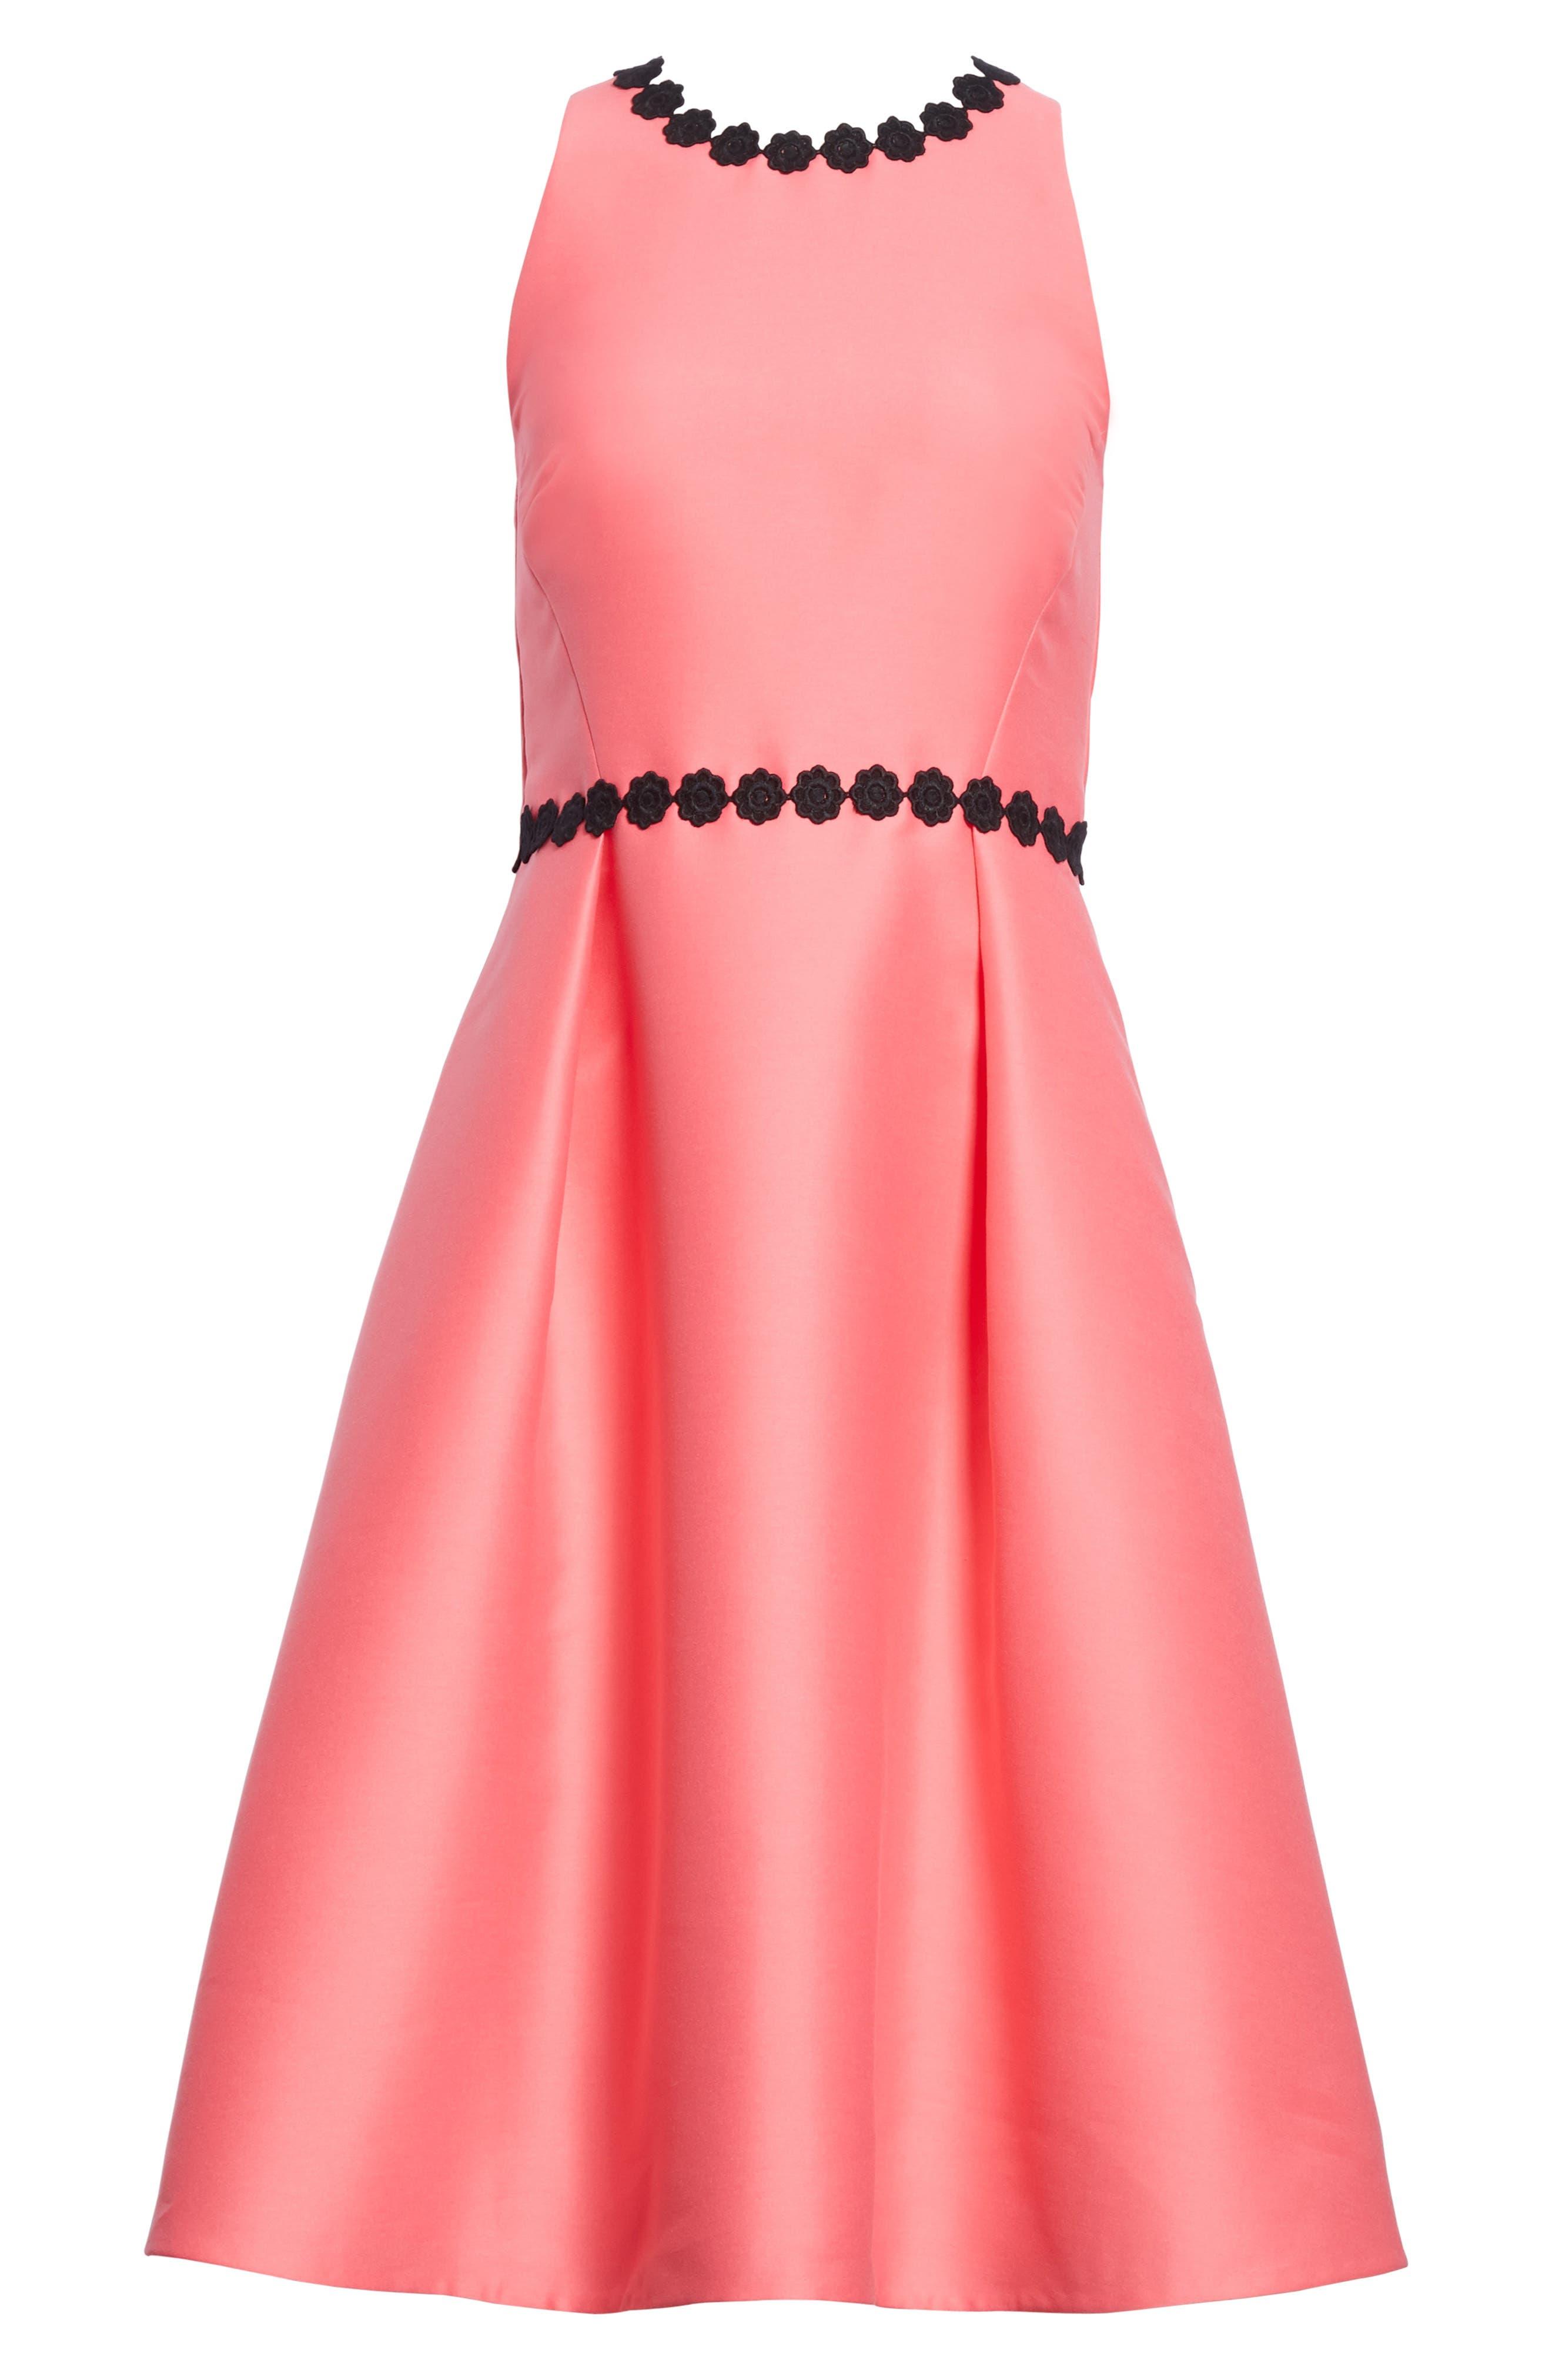 floral lace trim mikado fit & flare dress,                             Alternate thumbnail 6, color,                             Petunia